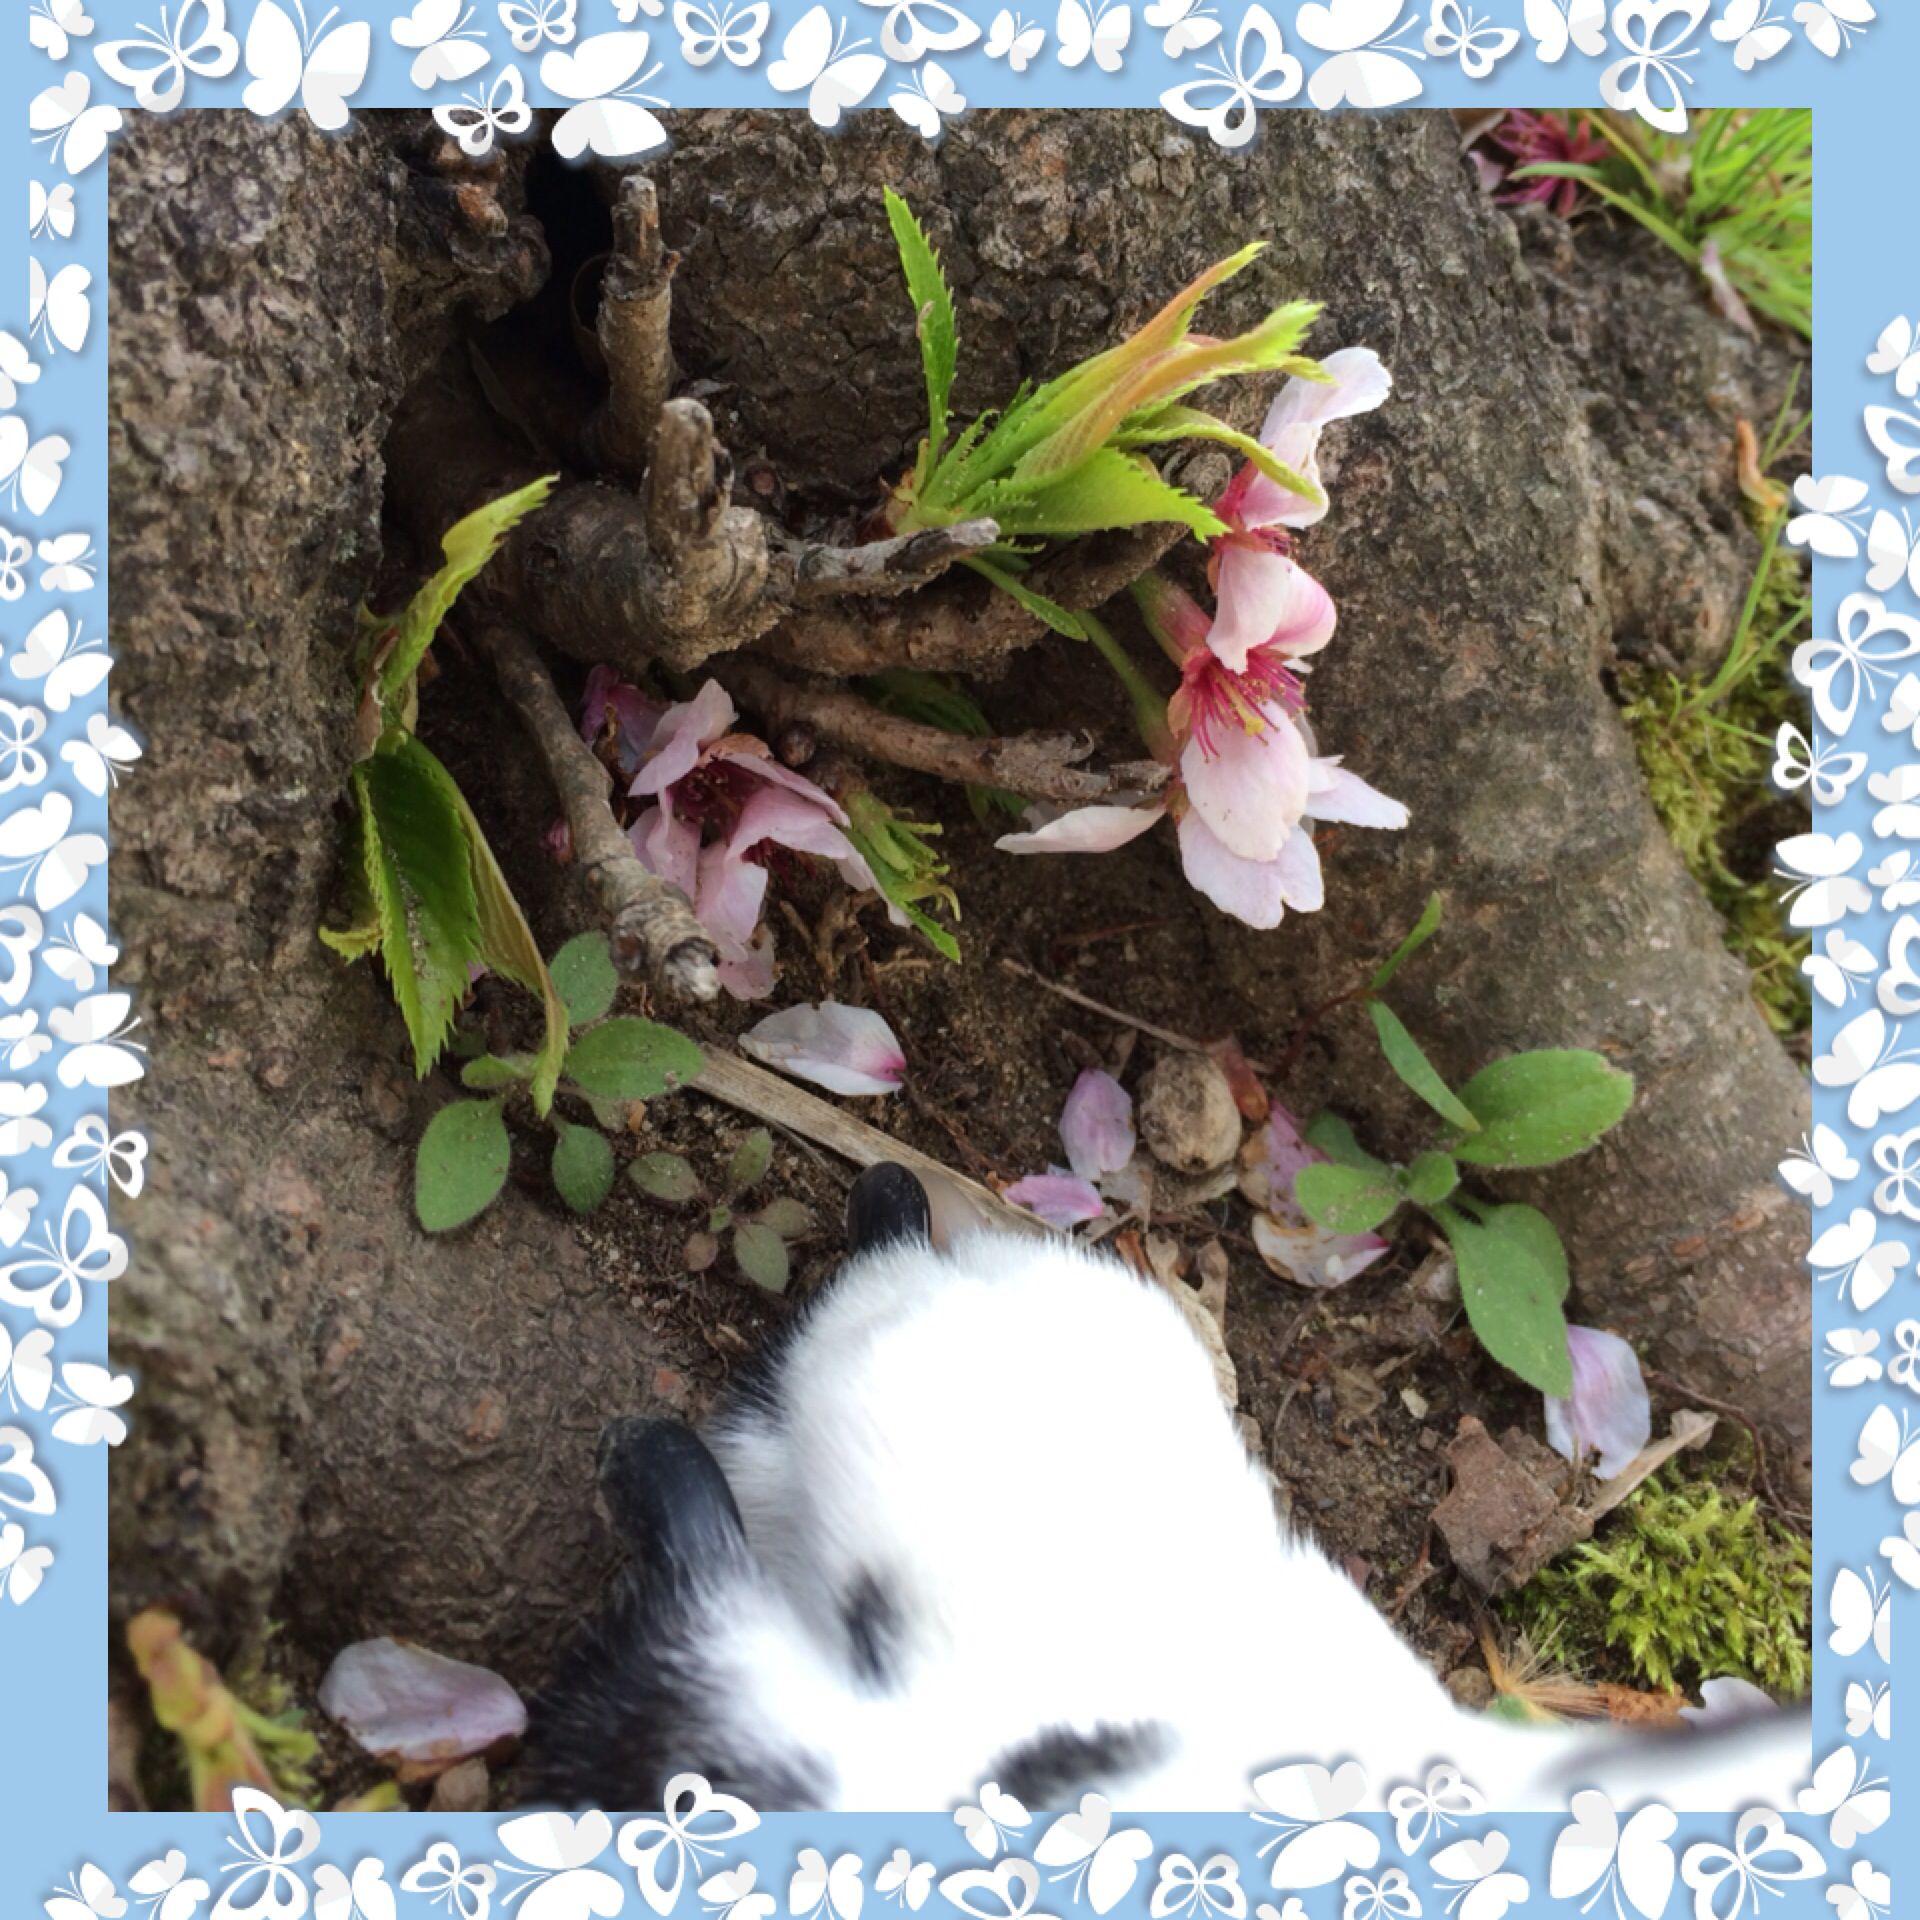 ダルちゃんの指差しシリーズ こんな下でも立派に桜が咲いてますね ペット 写真 ダルメシアン